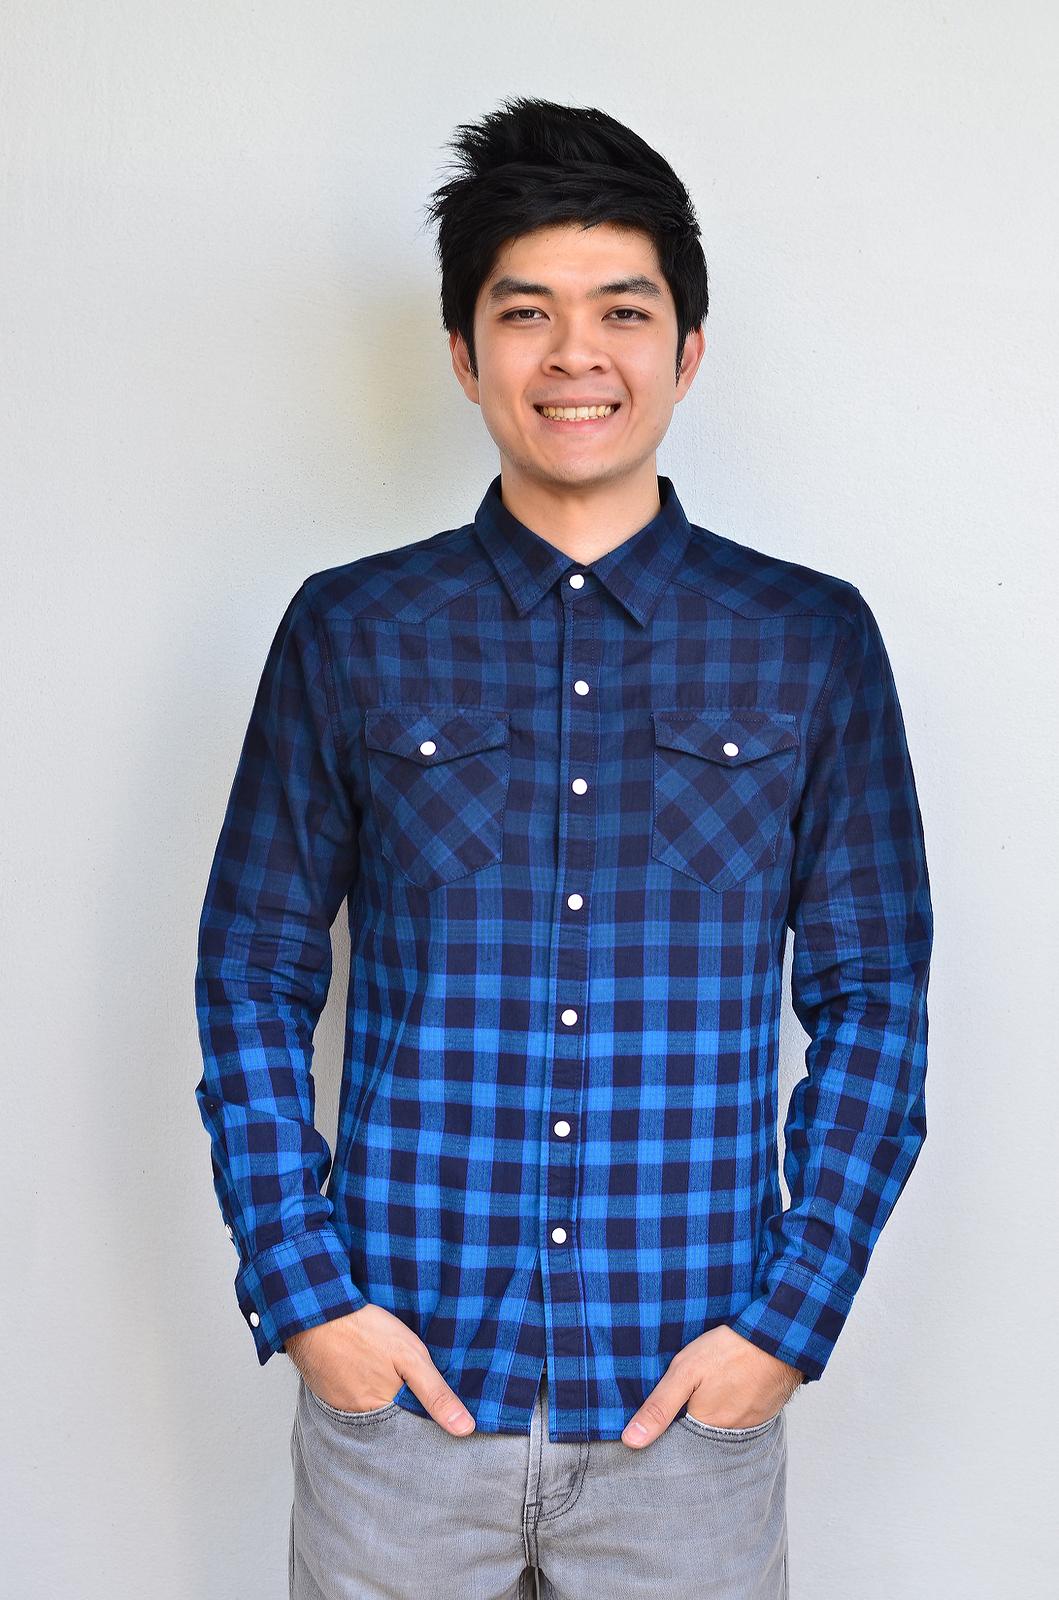 เสื้อลายสก๊อต ผู้ชาย สีน้ำเงิน